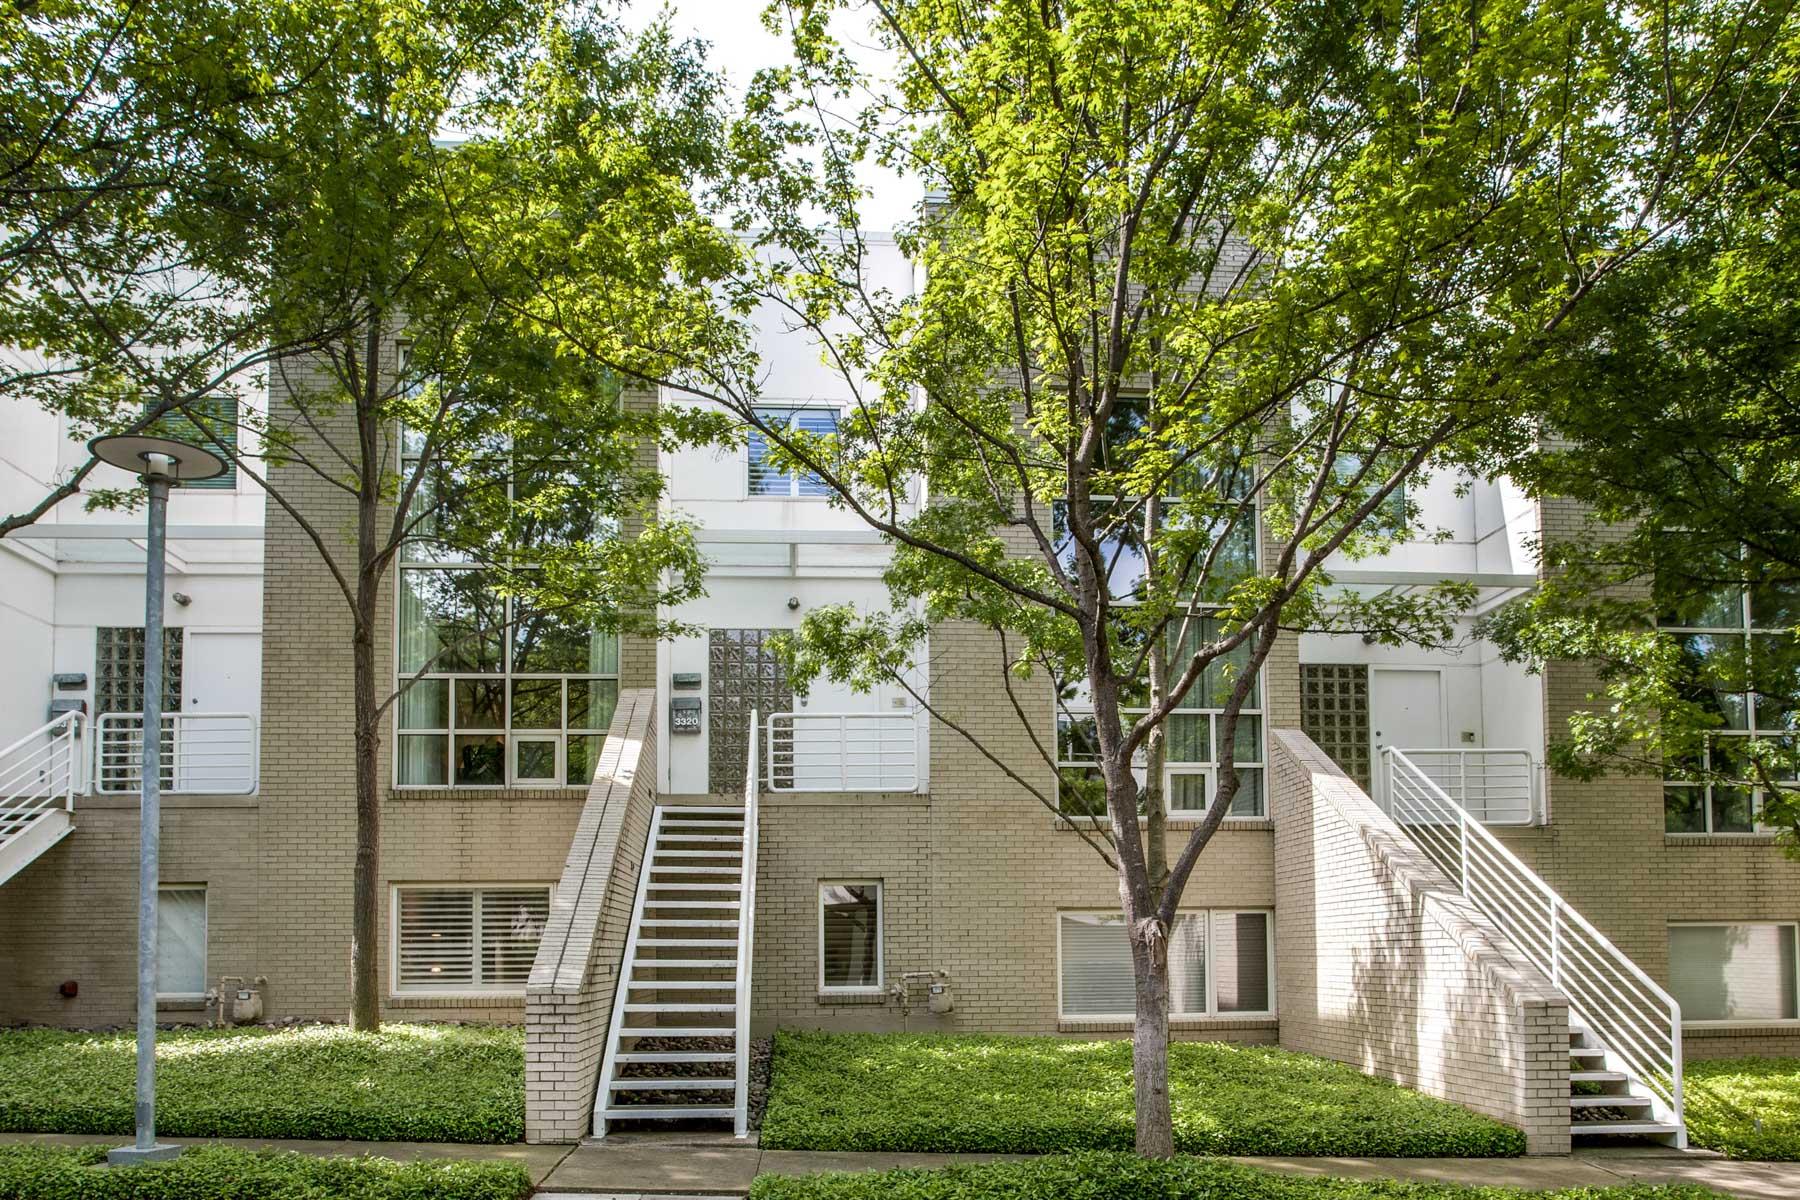 タウンハウス のために 売買 アット Contemporary Townhouse Near Katy Trail 3320 Miro Pl Dallas, テキサス, 75204 アメリカ合衆国